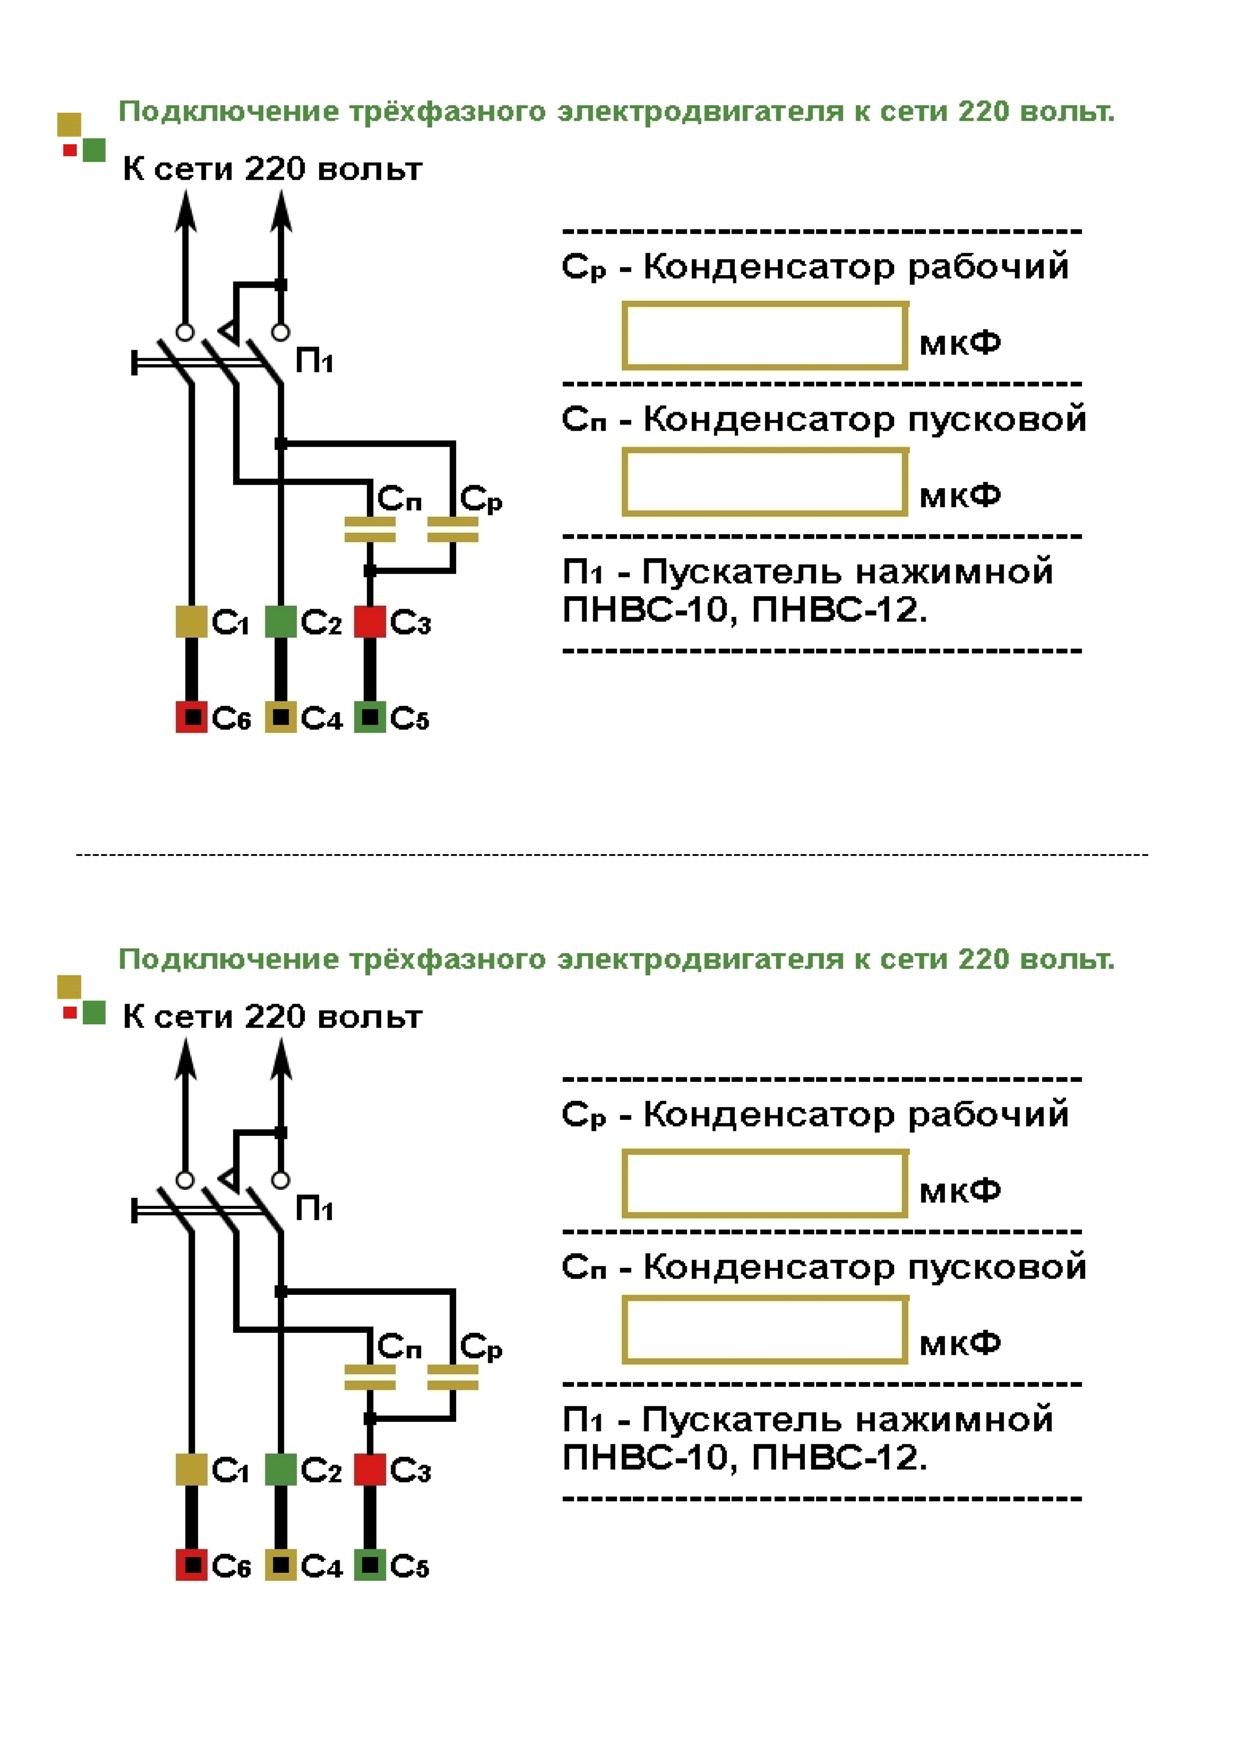 Двигатель трехфазный схема подключения